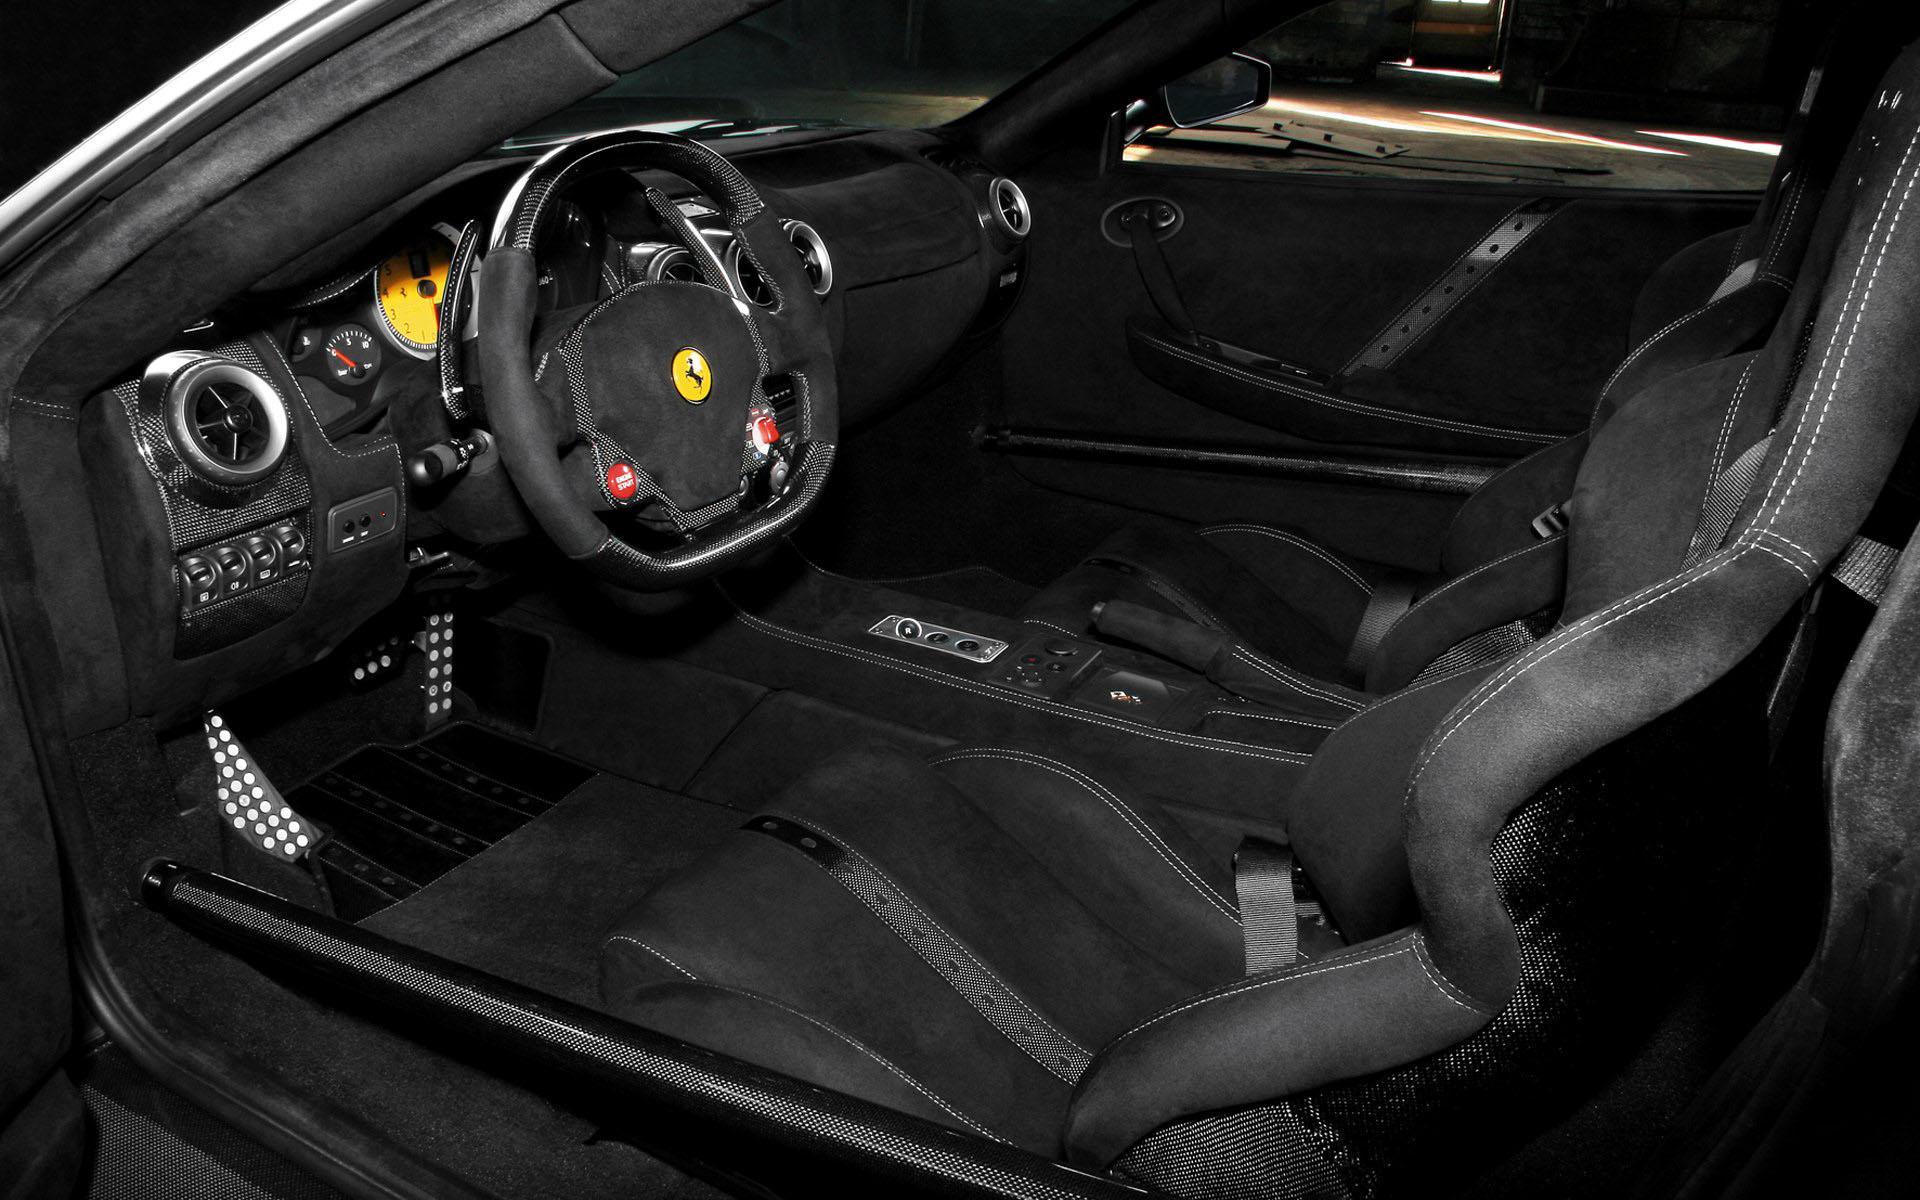 Fahrzeuge - Ferrari  - Ferrari  - Super Fast - Cool - Autos - Fahrzeug Hintergrundbild